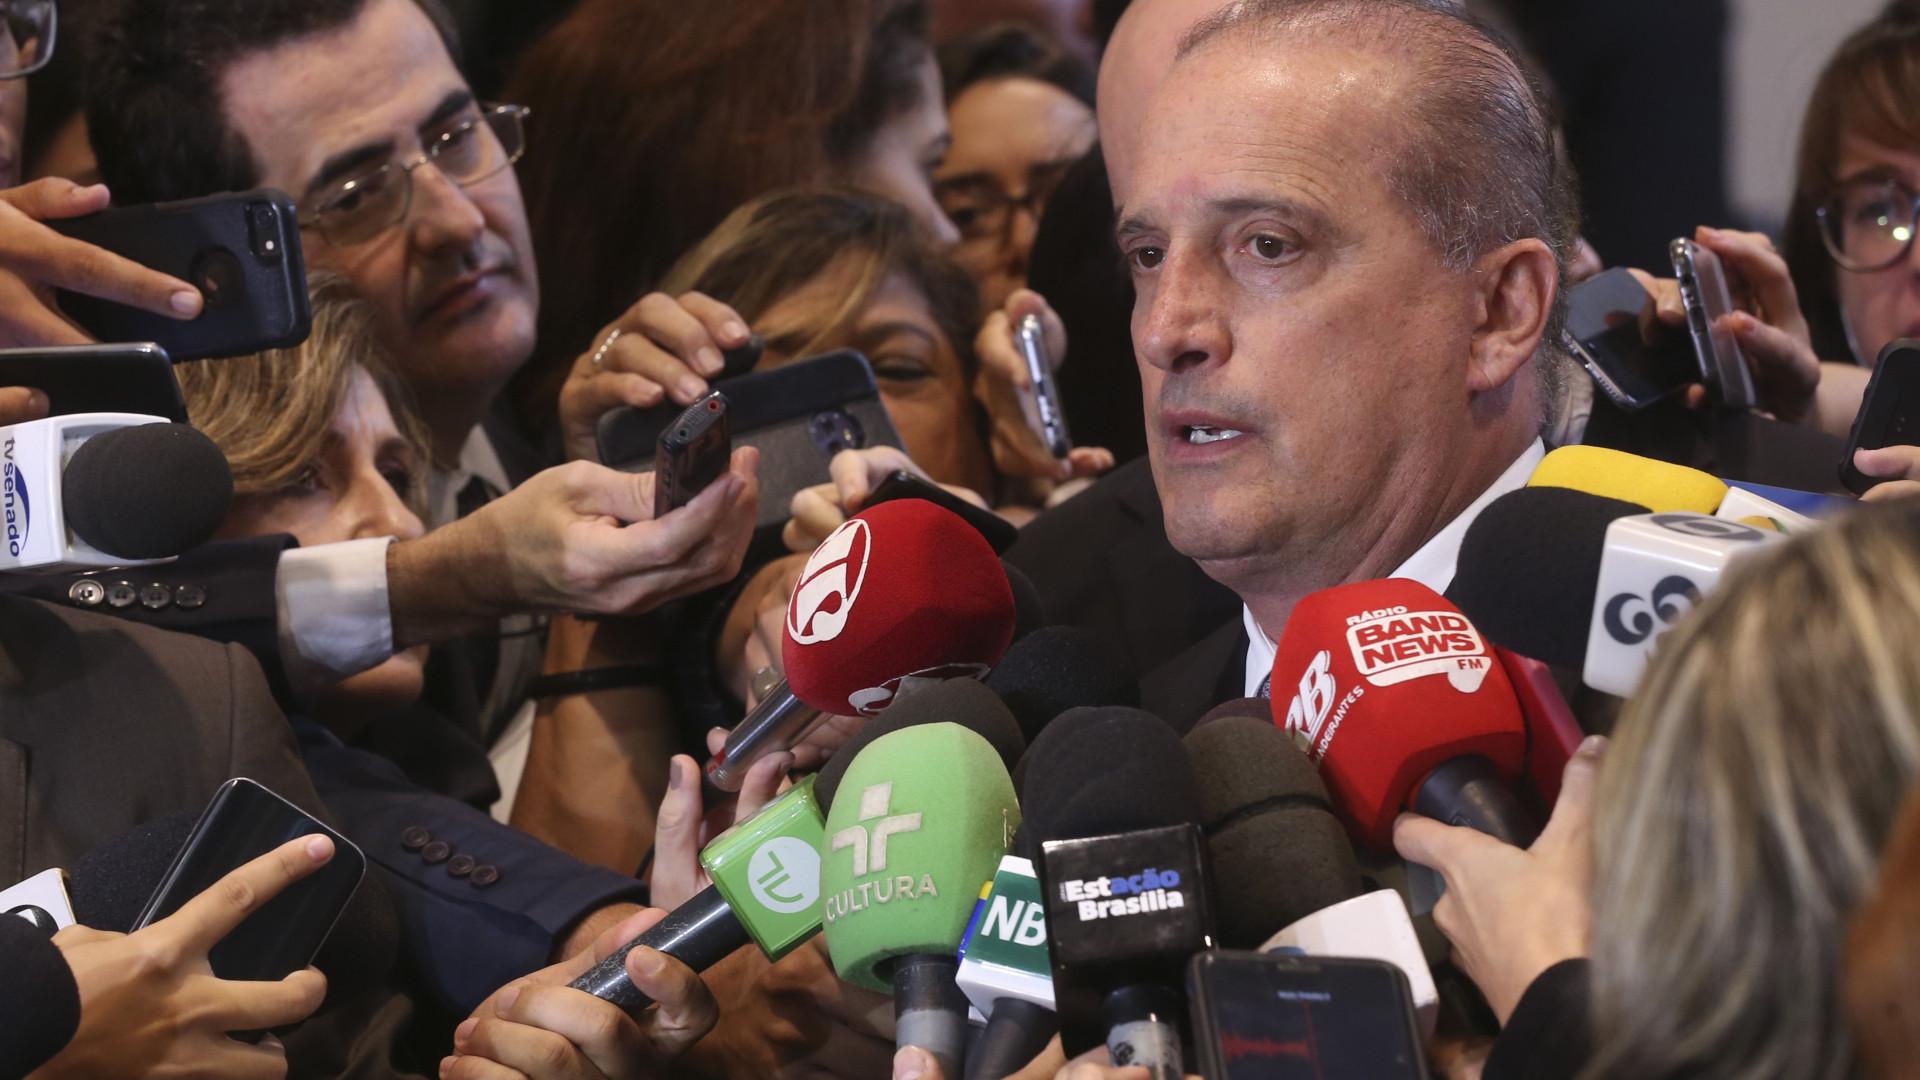 Onyx marca reuniões entre Bolsonaro e partidos de olho em articulação